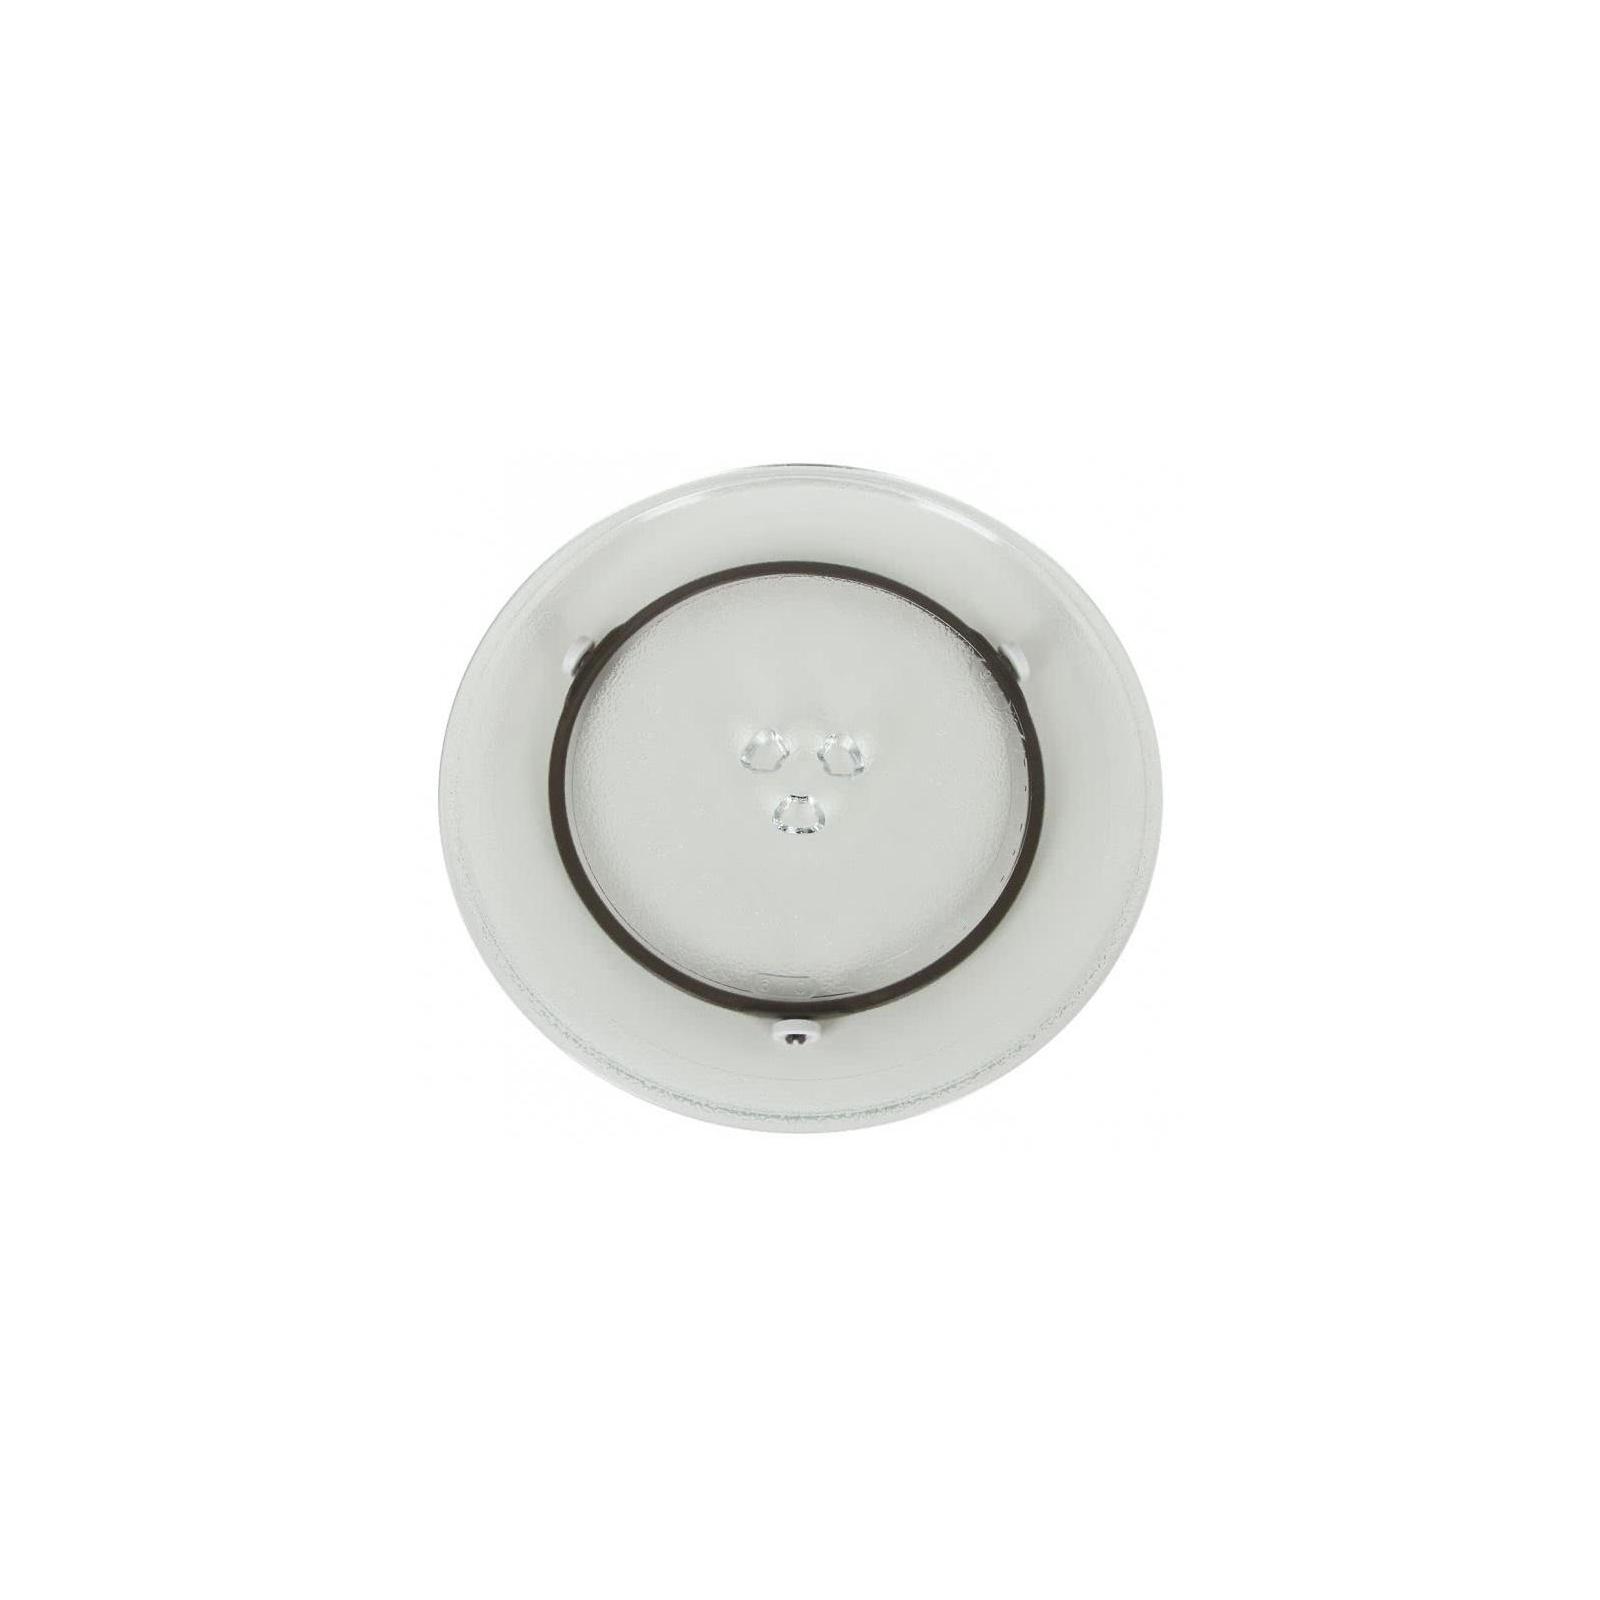 Микроволновая печь Midea MM720CAA изображение 5